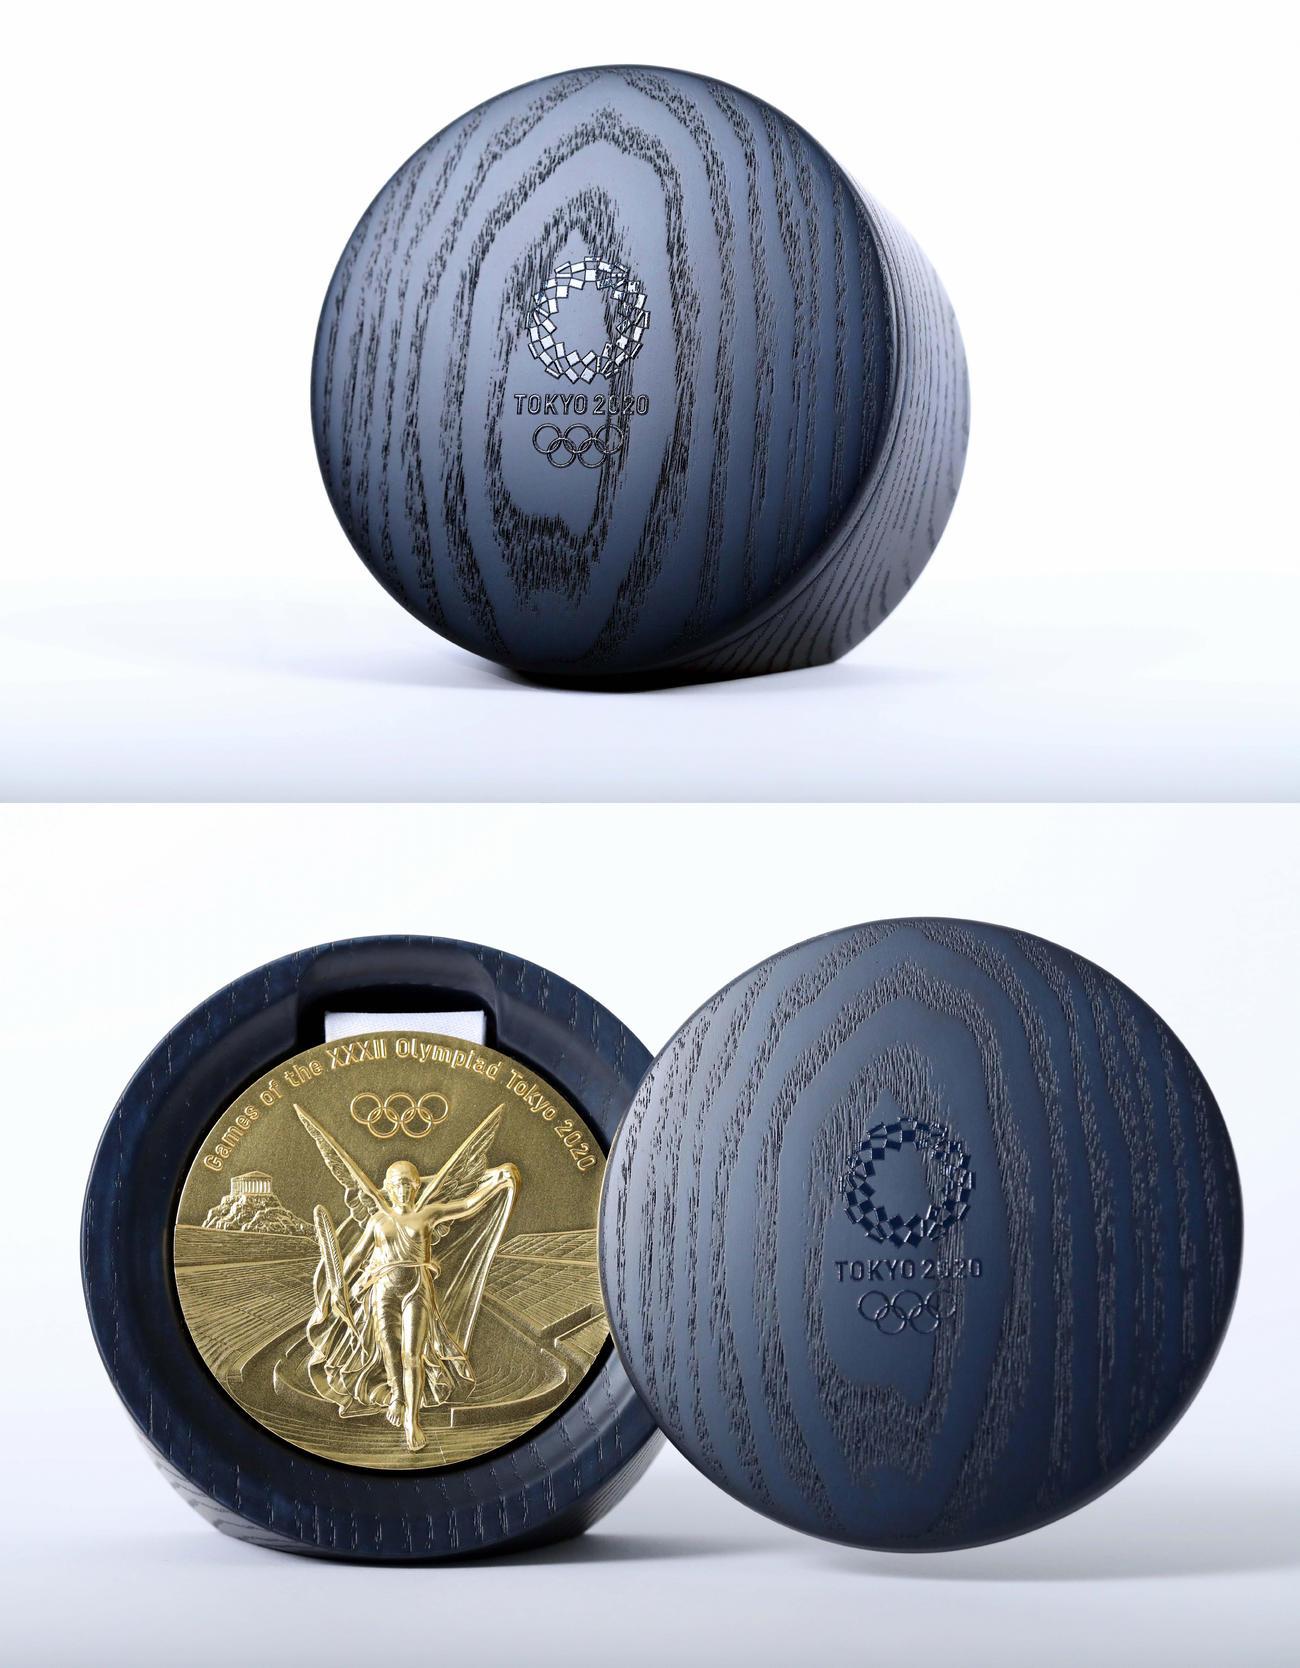 東京五輪・パラリンピックのメダルケース。ふたをずらすと下のようにメダルが現れる(ⓒTokyo2020)